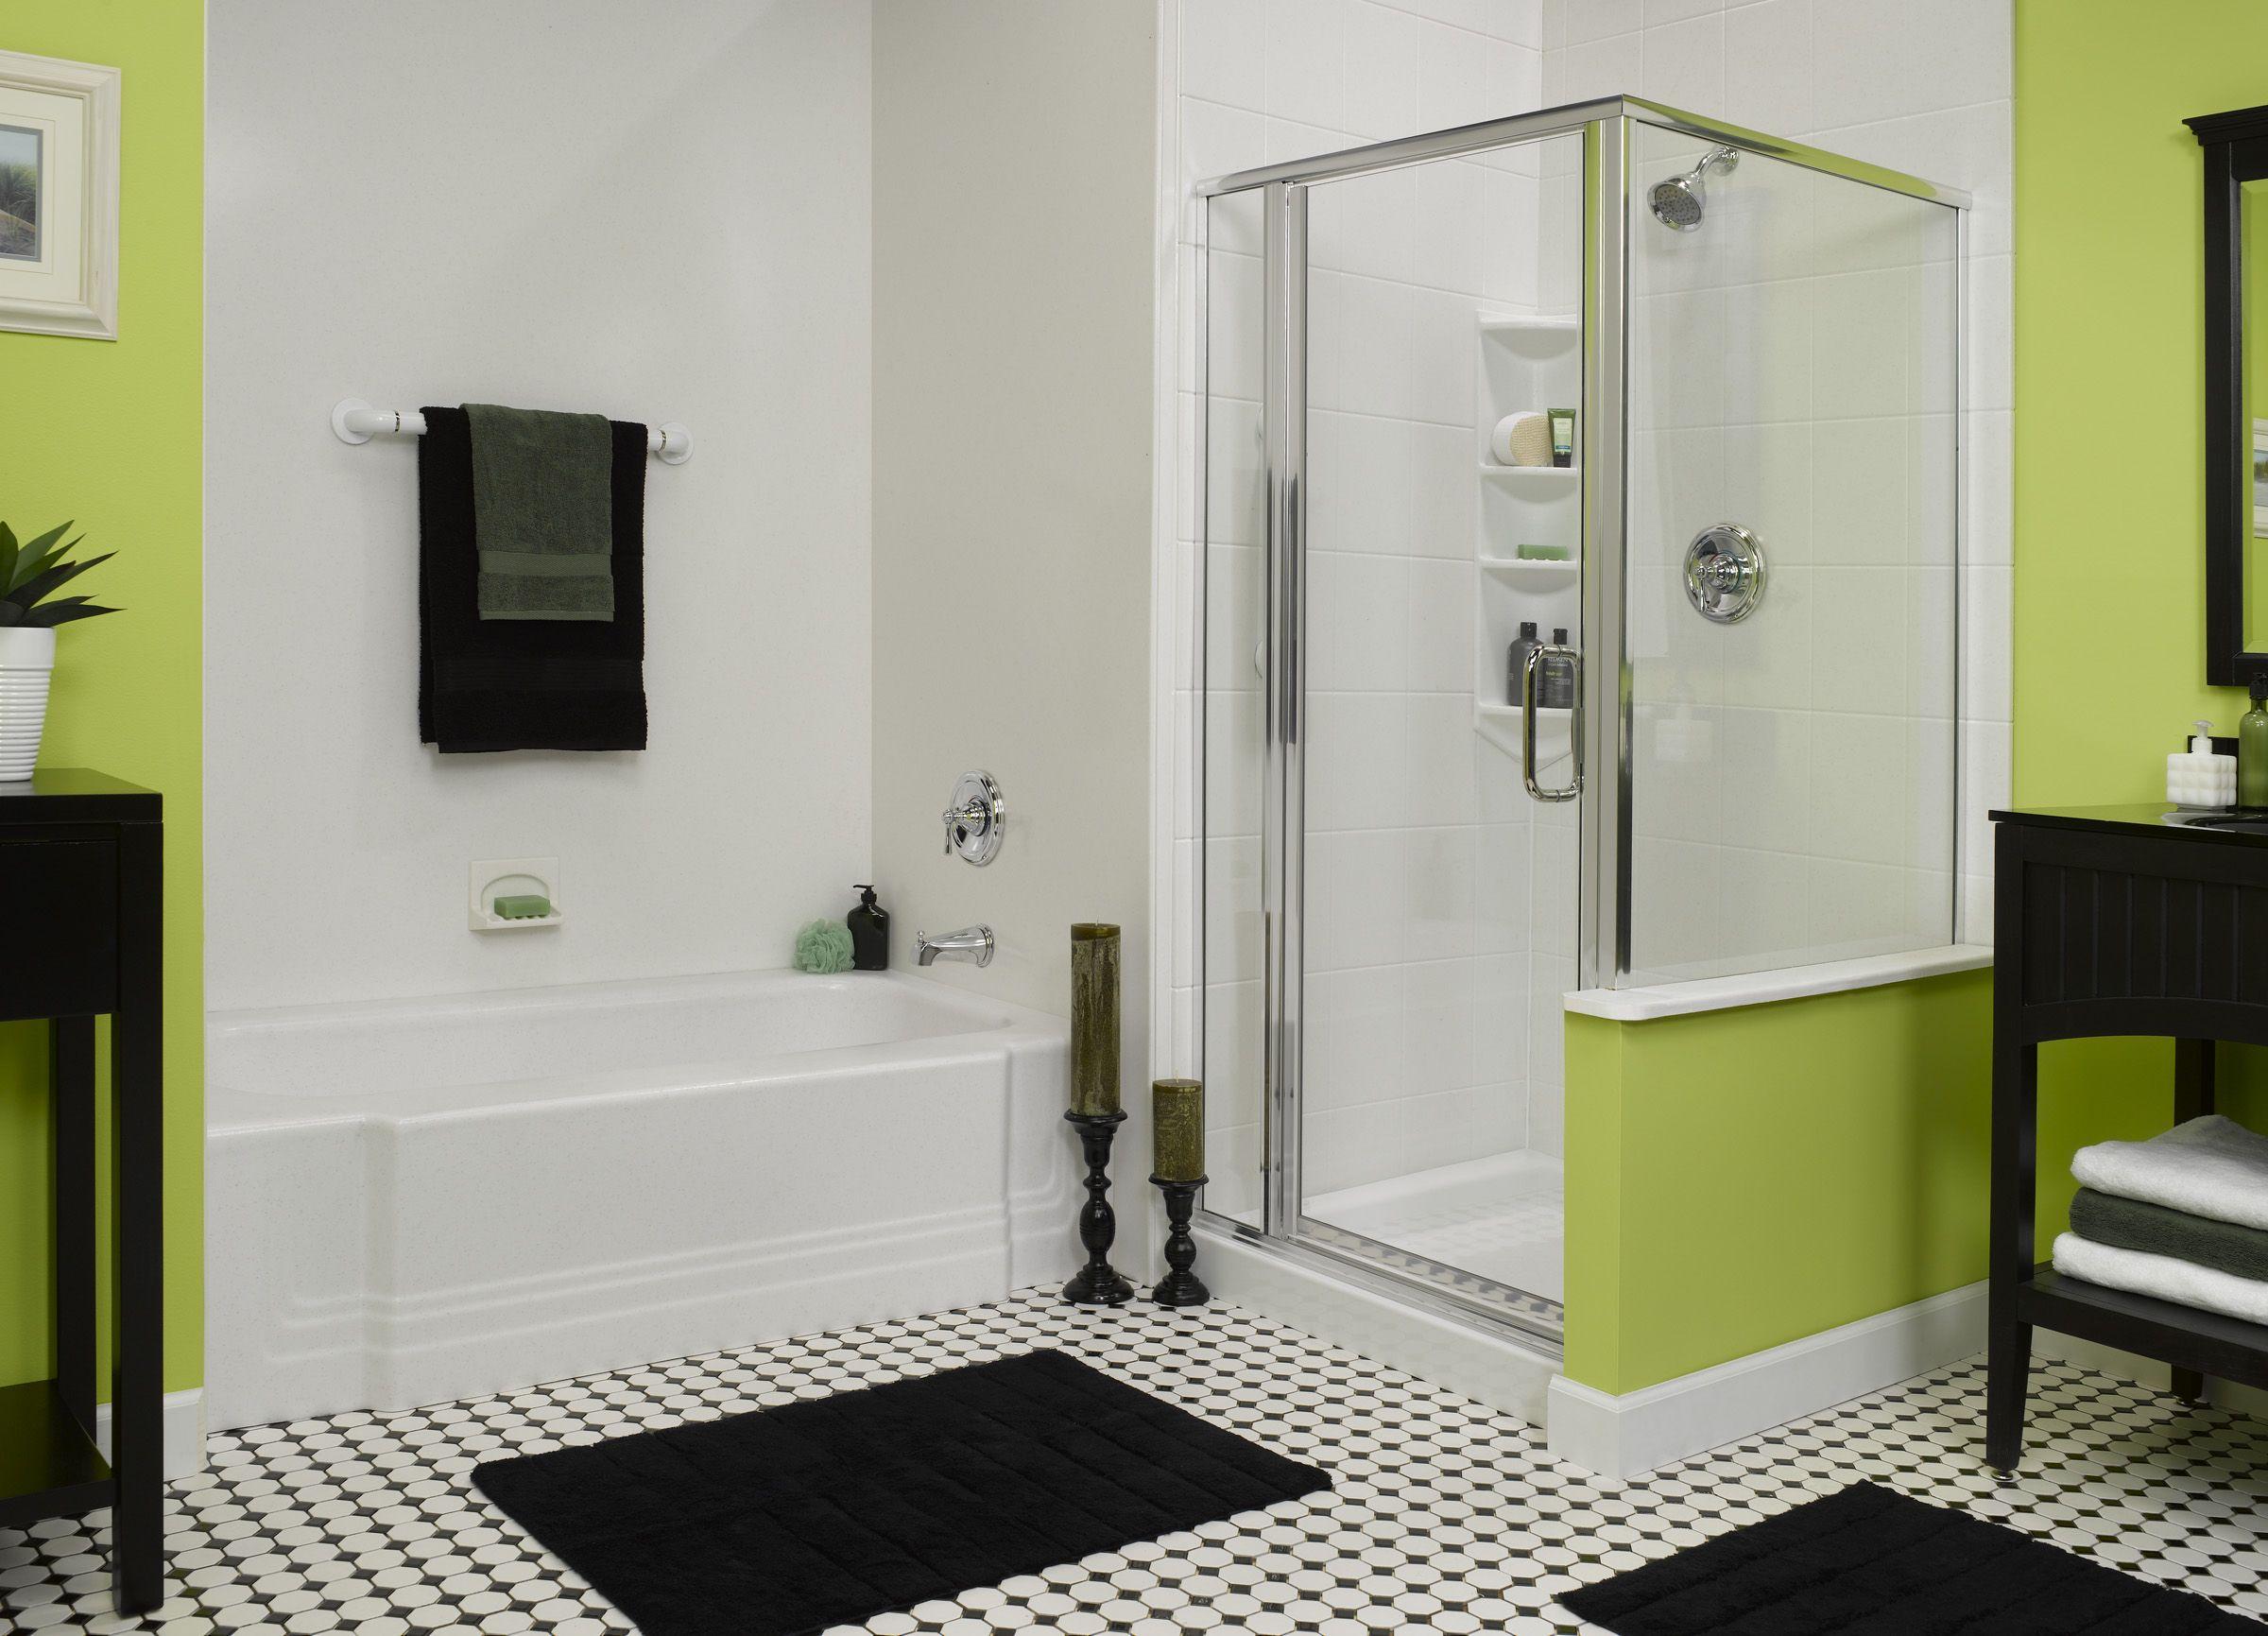 Bathroom Designs No Tub